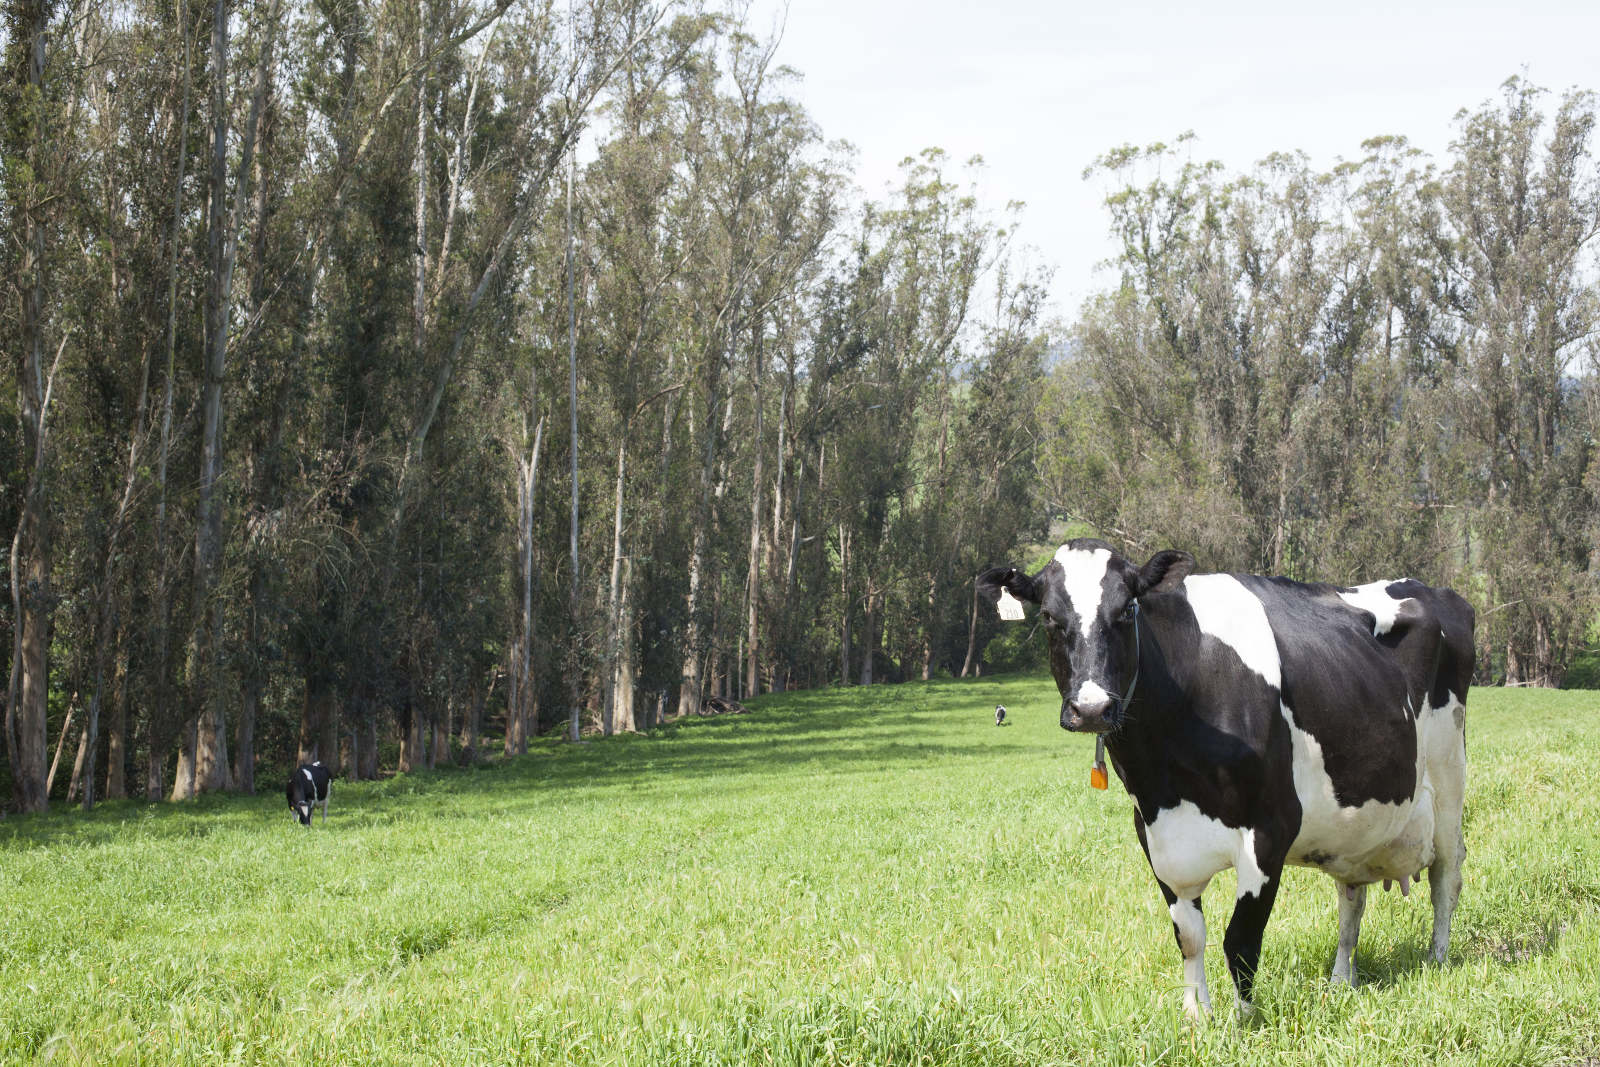 Clover Stornetta dairy cow non-gmo feed